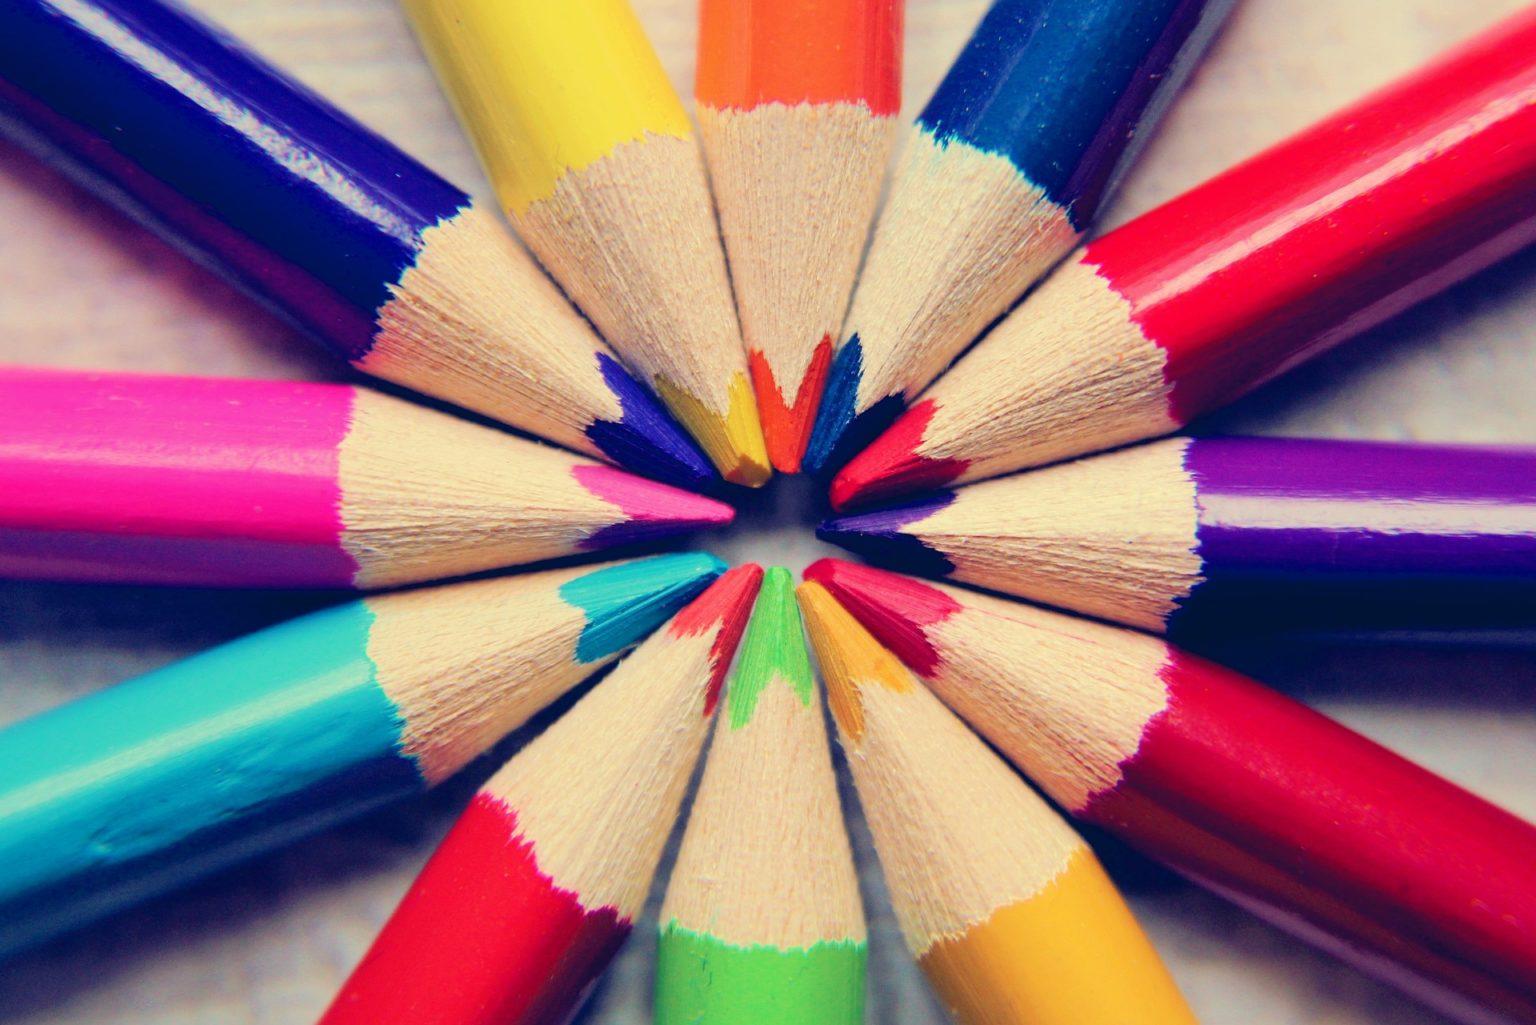 Värikynät aseteltuna ympyräksi.